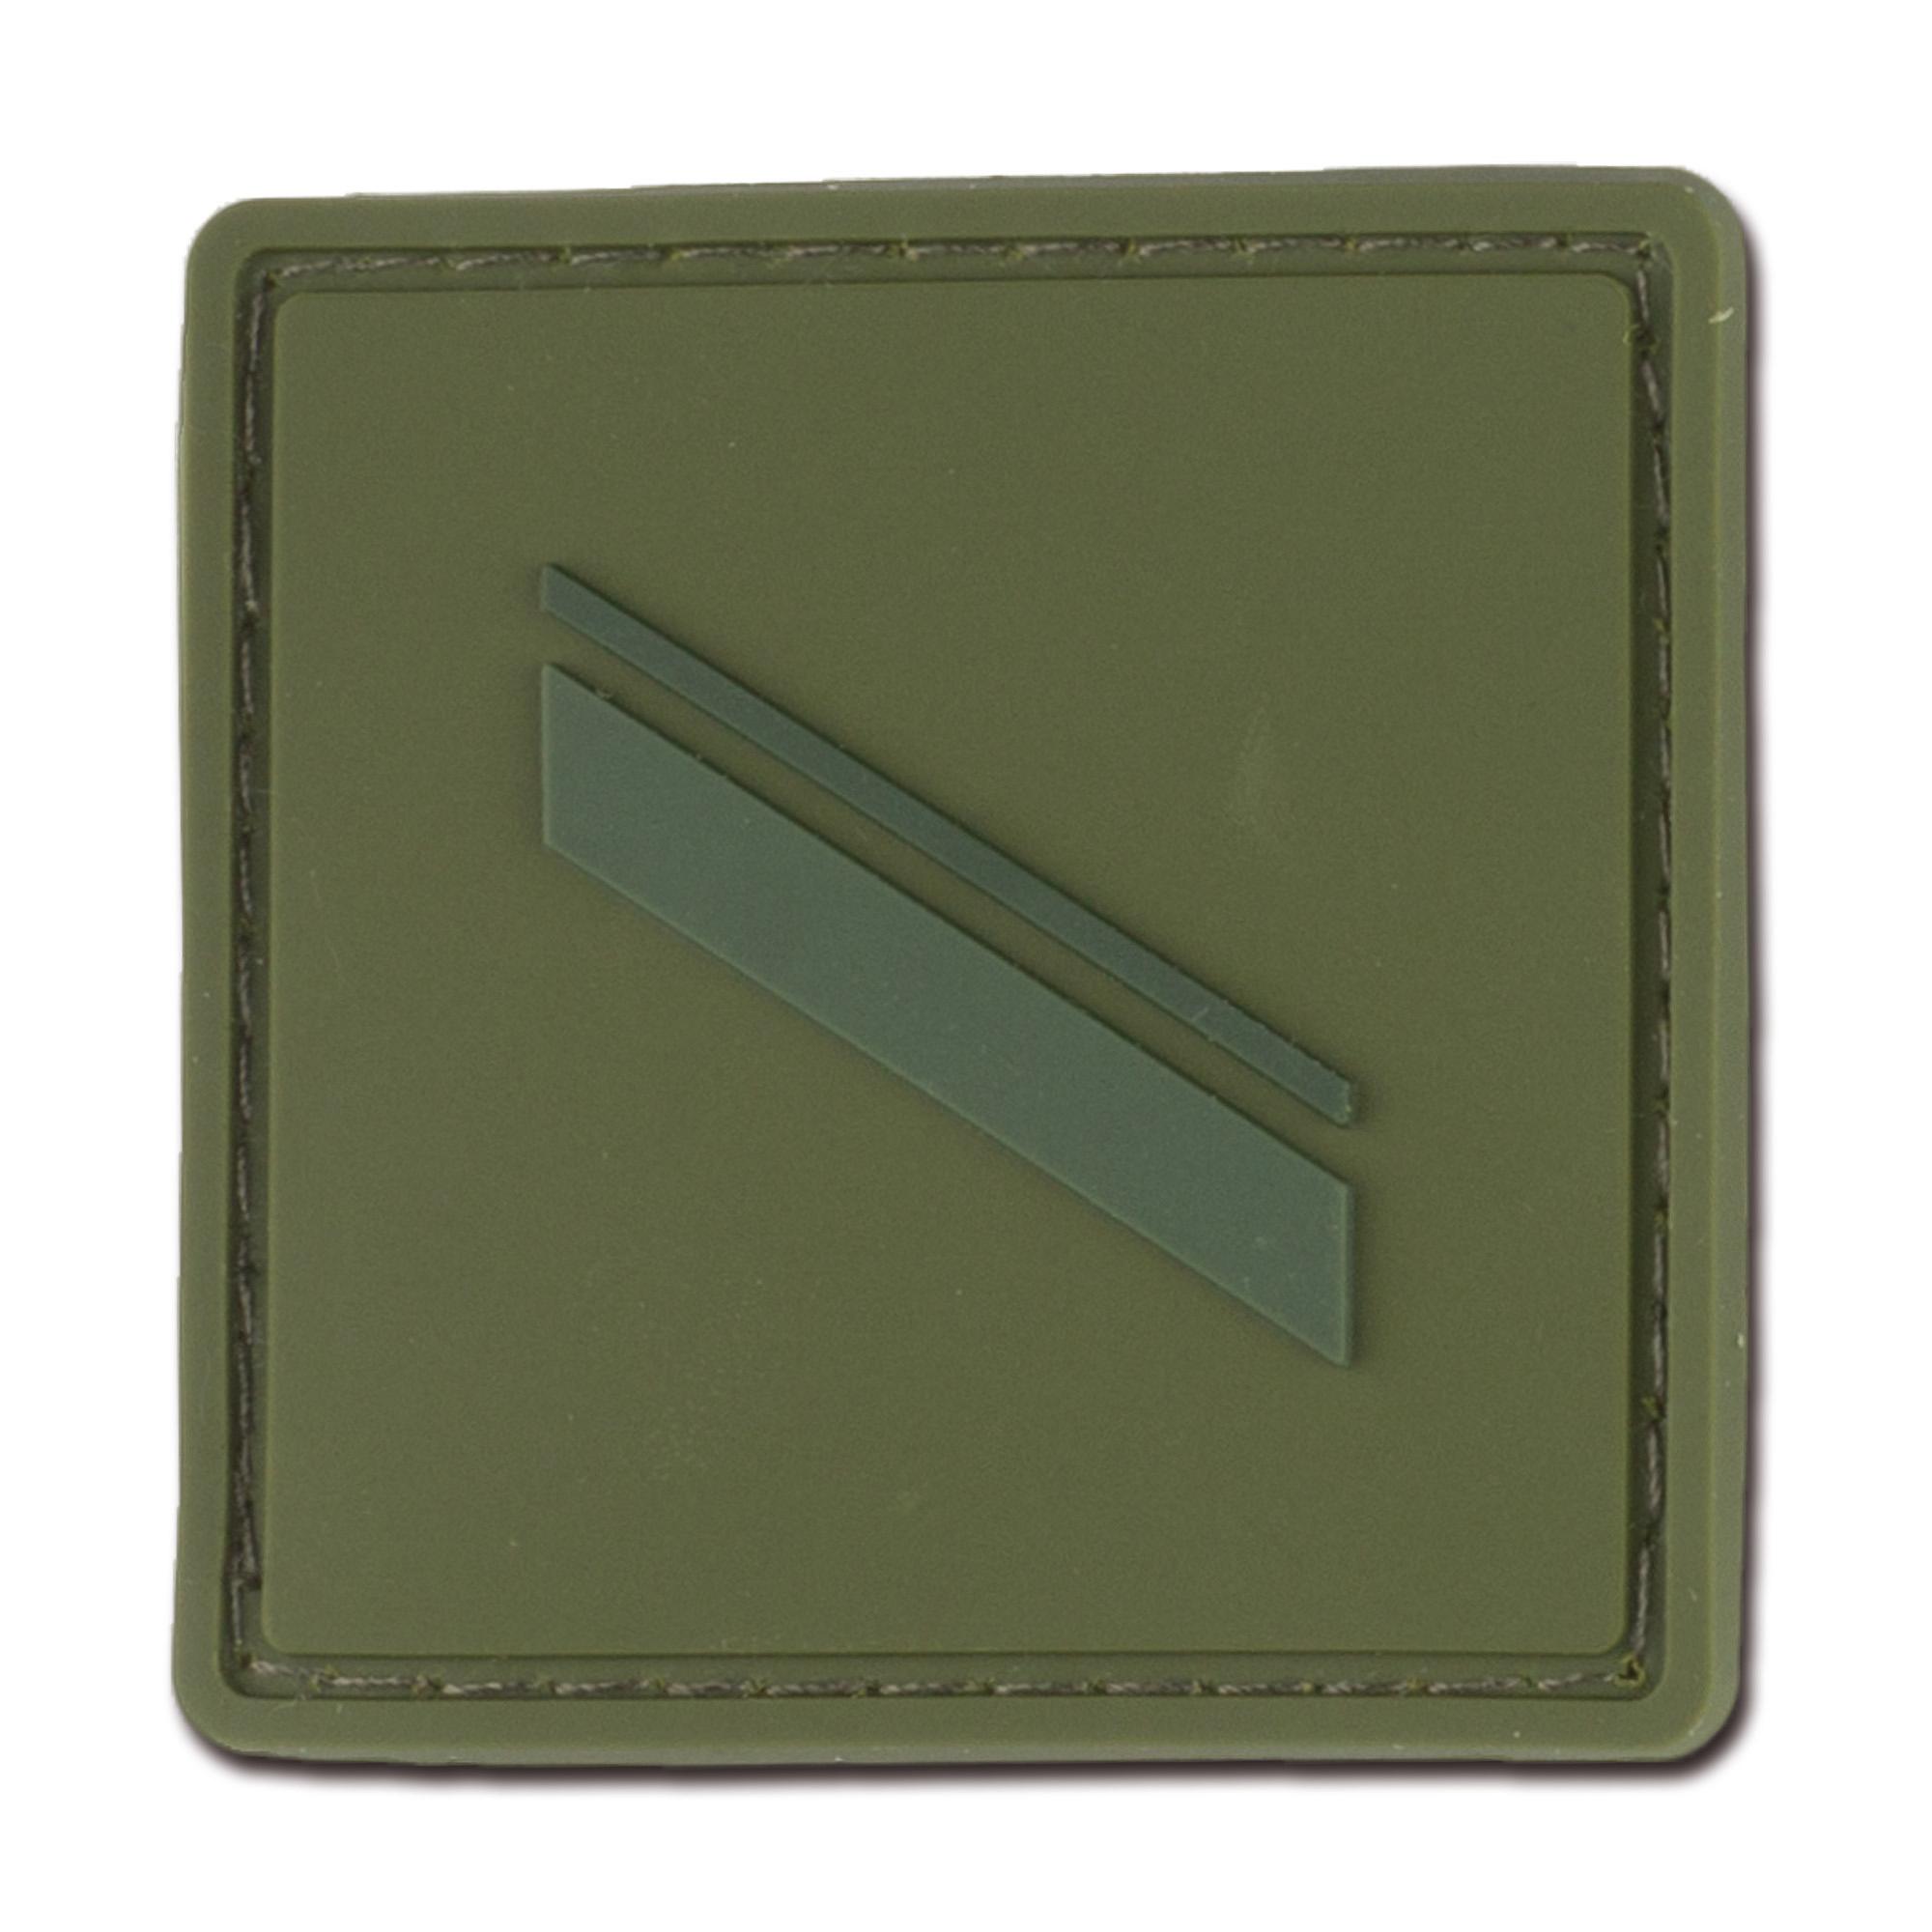 Dienstgradabzeichen Frankreich Soldat de prem. classe oliv tarn